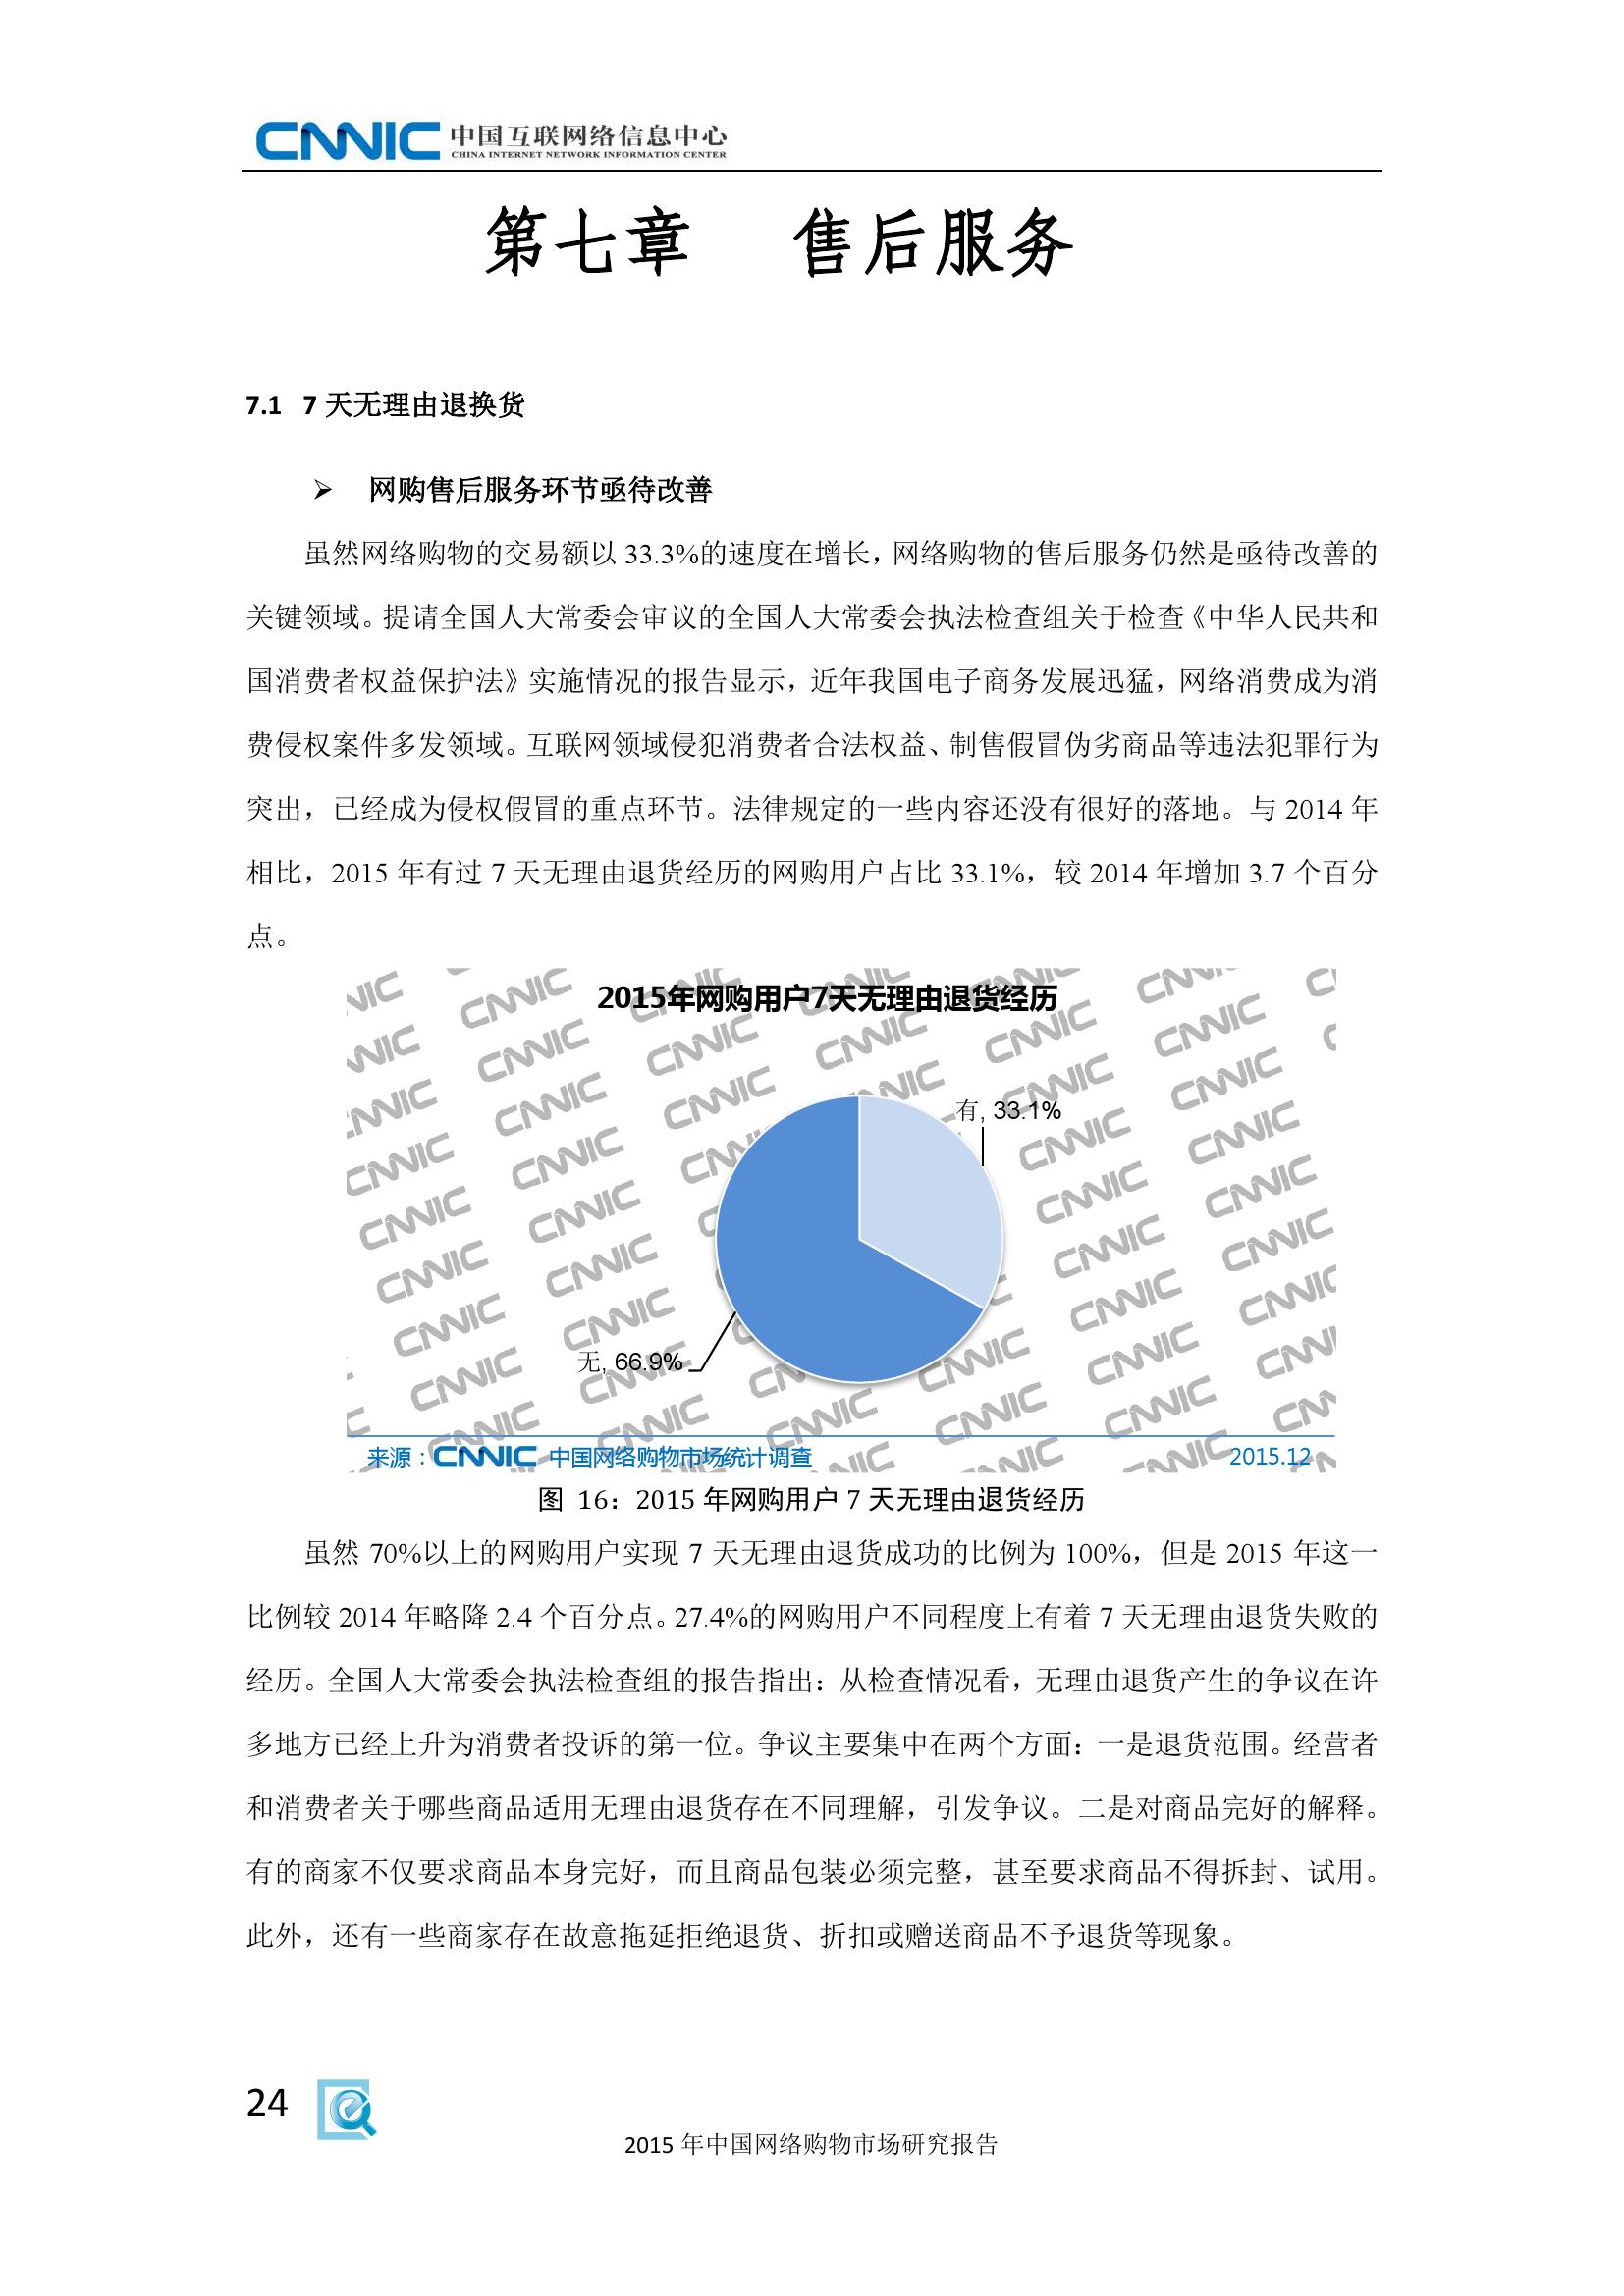 2015年中国网络购物市场研究报告_000032